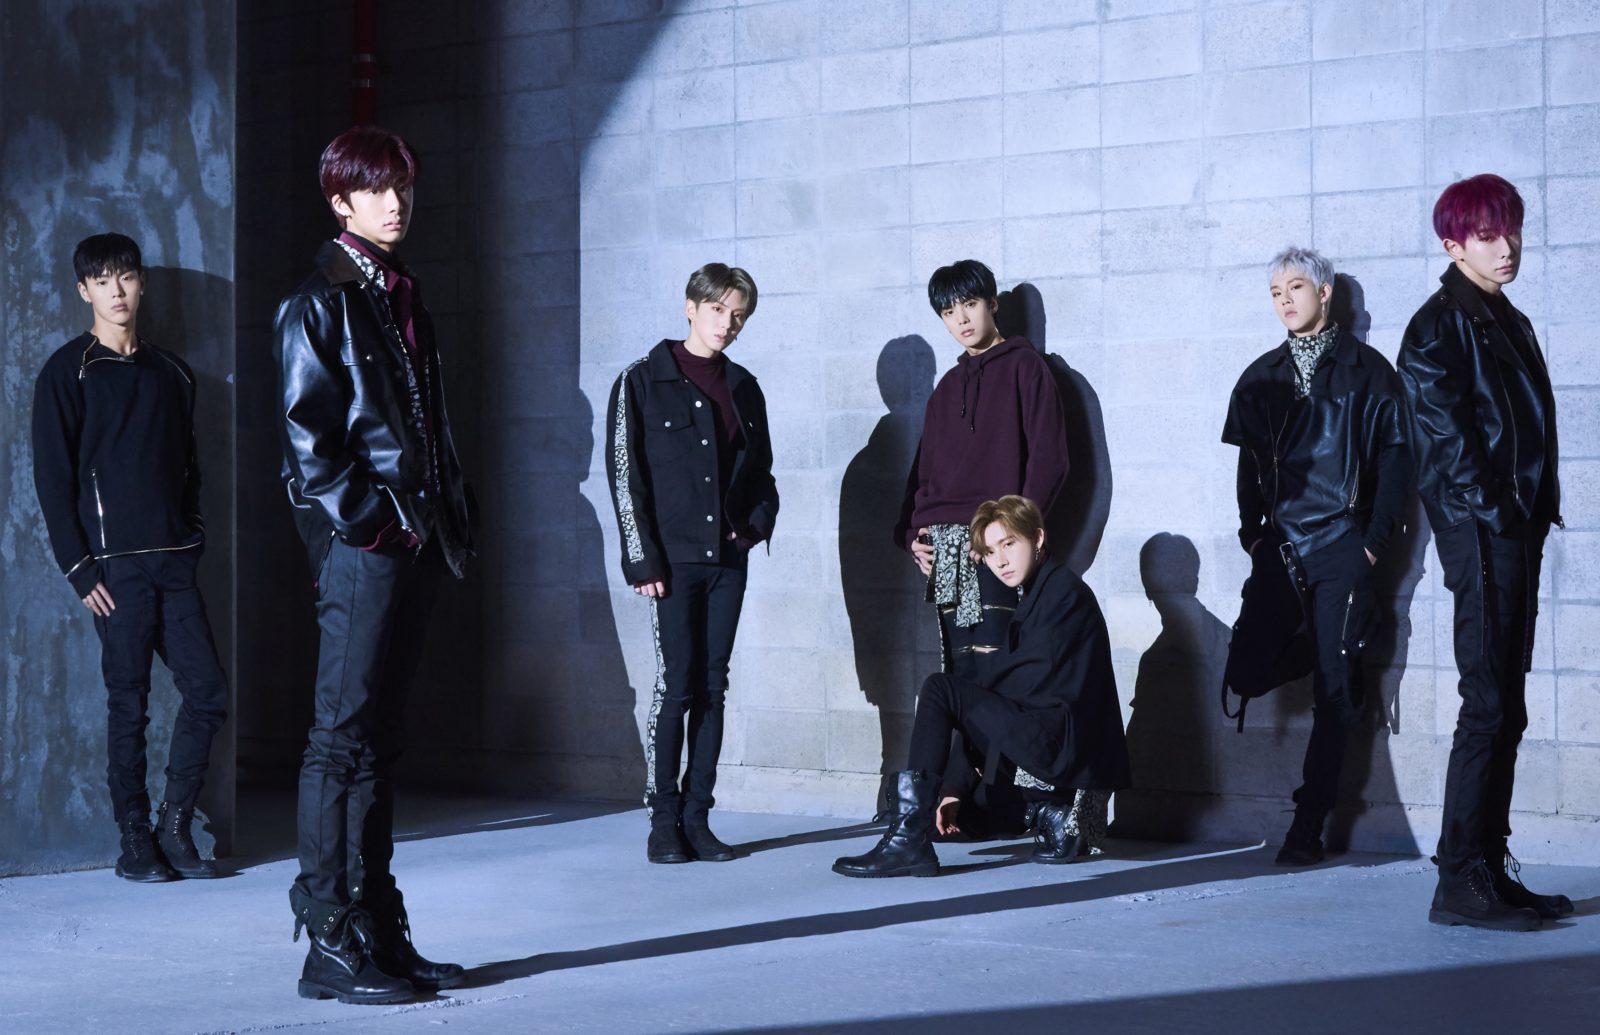 韓国7人組 ボーイズグループ、MONSTA X 初の日本オリジナル楽曲「SPOTLIGHT」ミュージックビデオ公開サムネイル画像